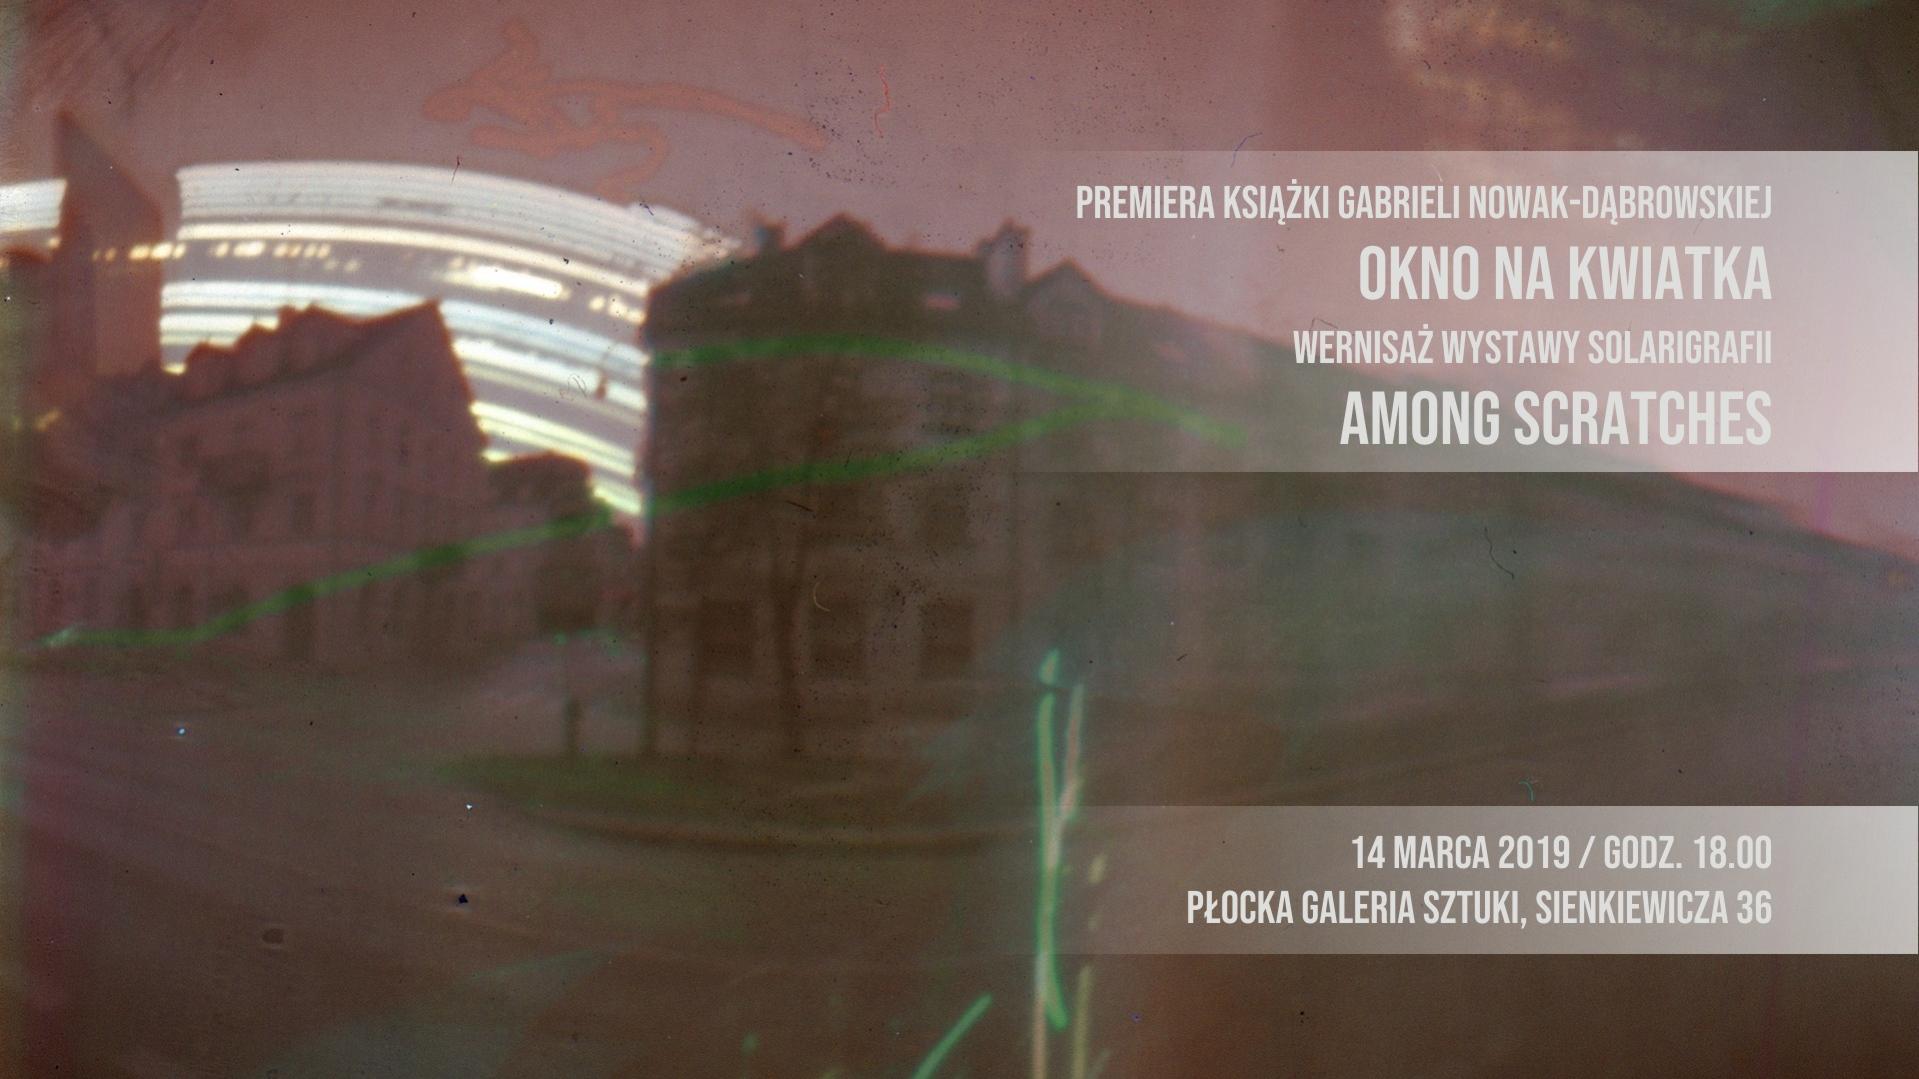 """Premiera książki """"Okno na Kwiatka"""" Gabrieli Nowak-Dąbrowskiej i wystawa solarigrafii Among Scratches"""